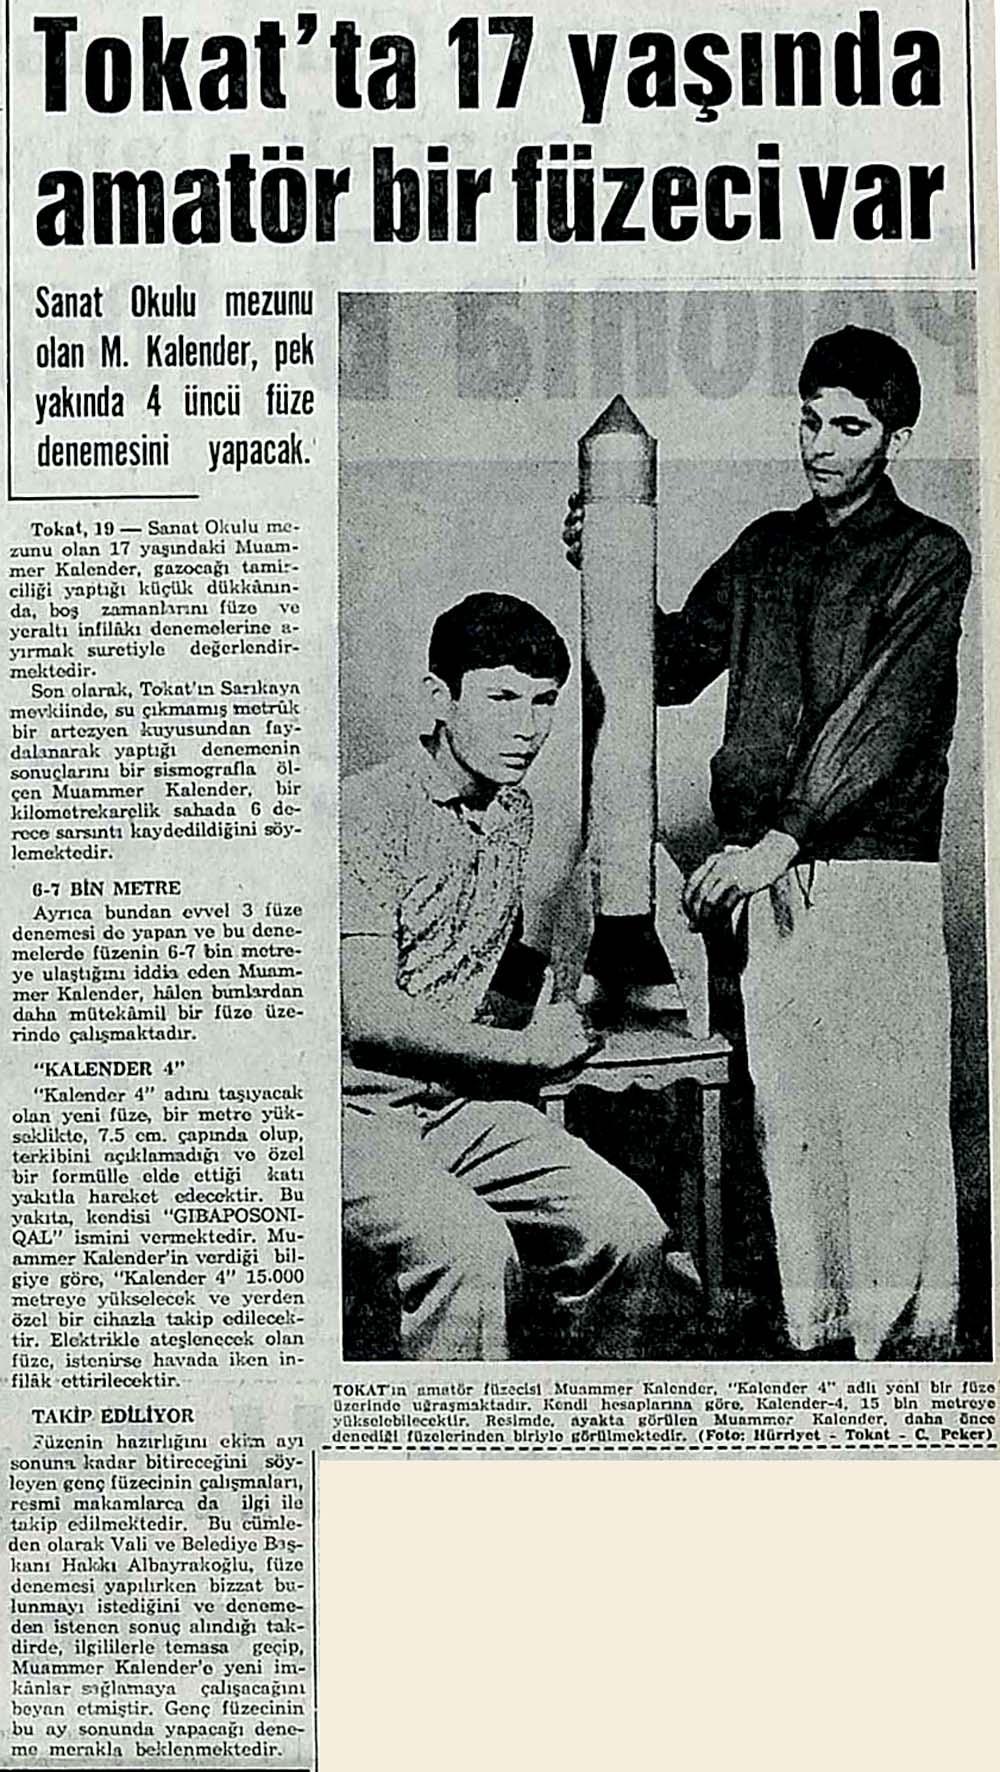 Tokat'ta 17 yaşında amatör bir füzeci var